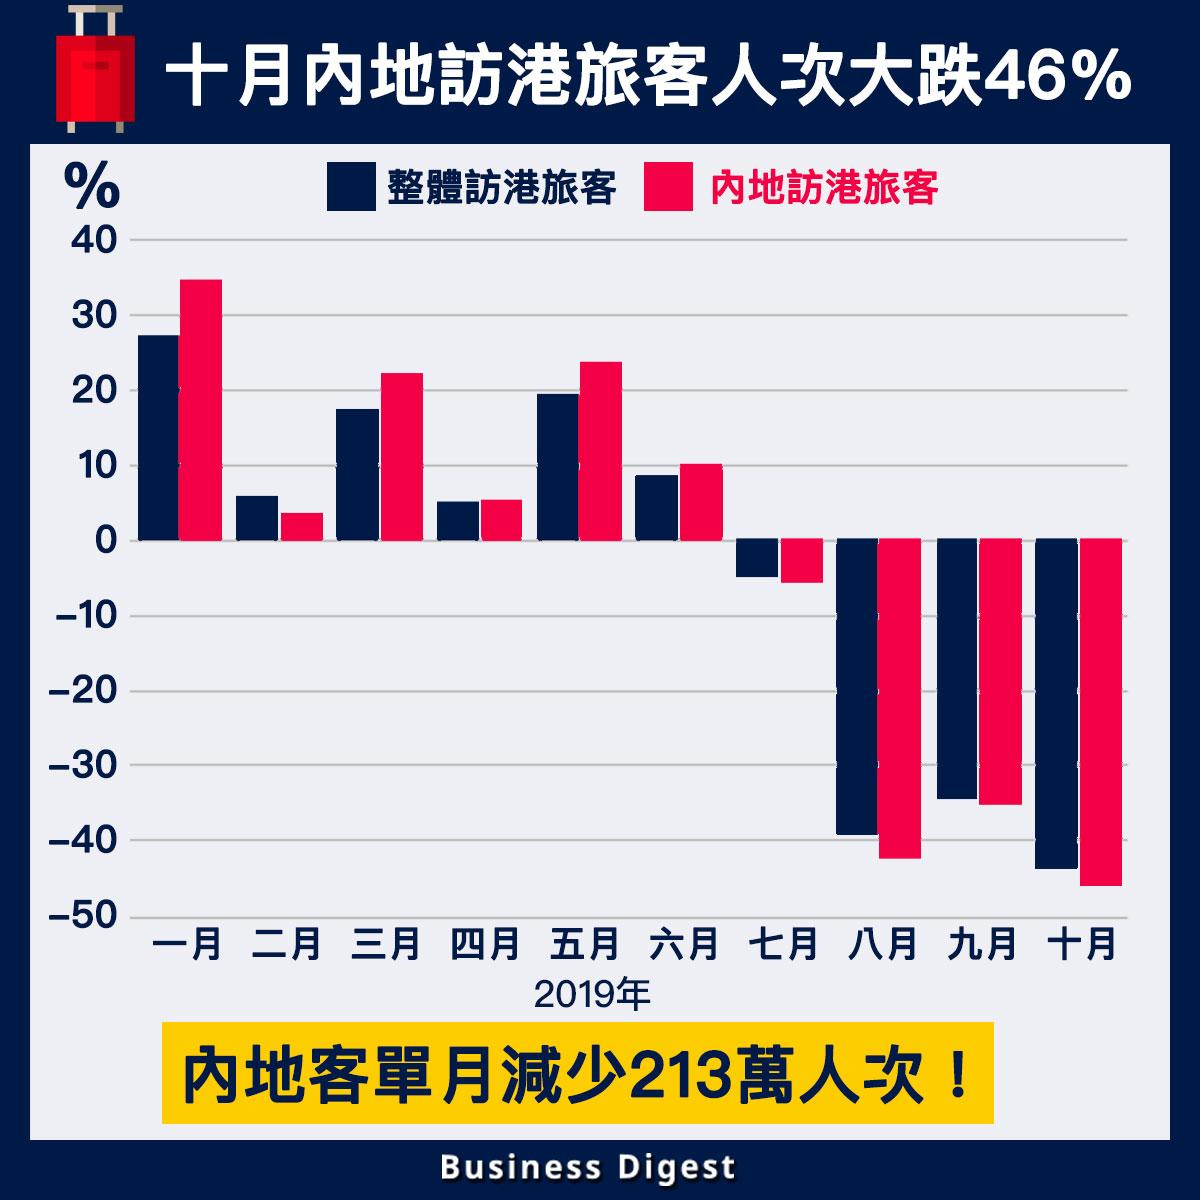 【從數據認識經濟】十月內地訪港旅客人次大跌46%,單月減少213萬人次